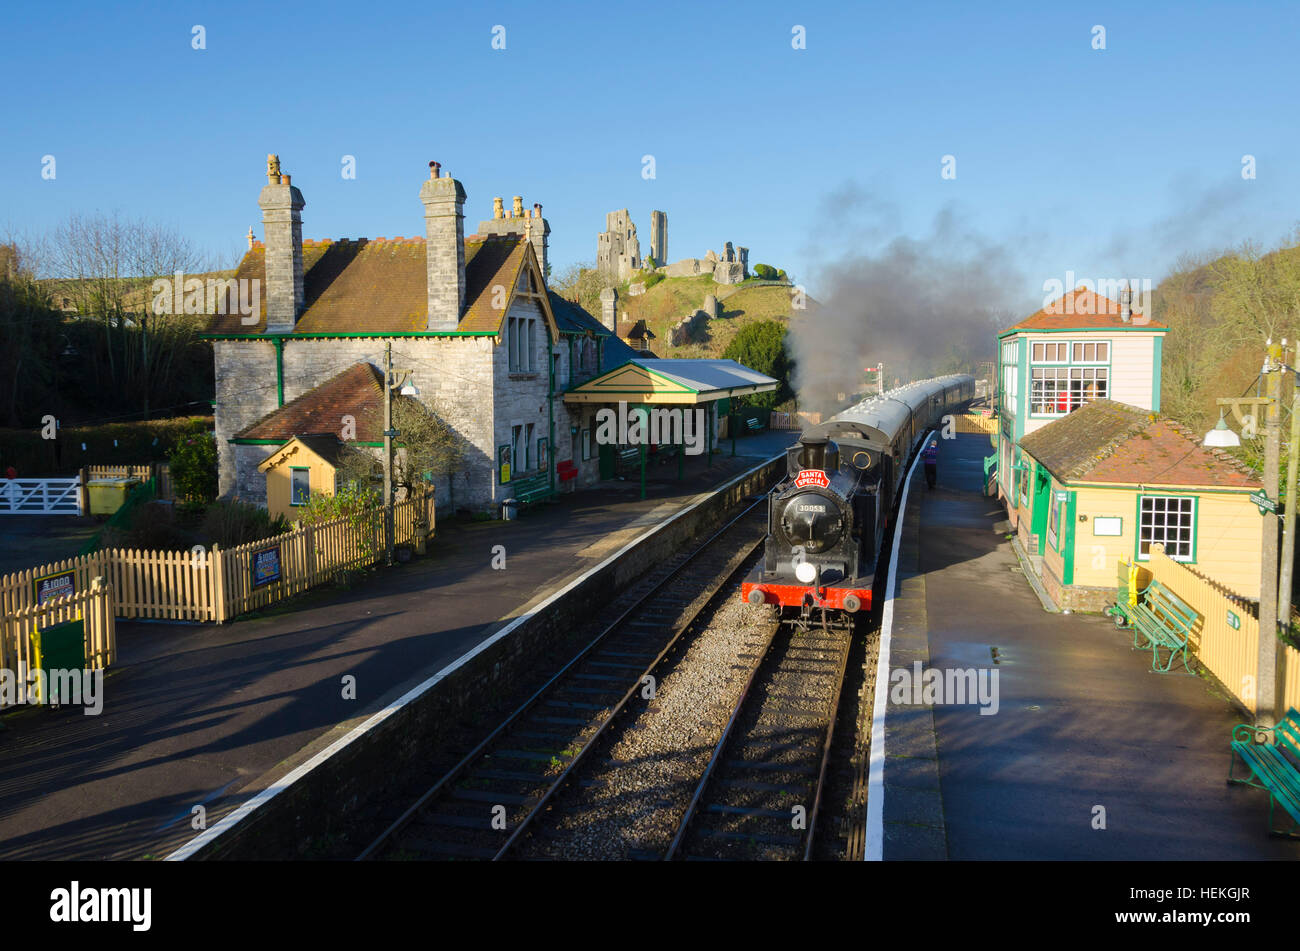 El castillo Corfe, en Dorset, Reino Unido. El 22 de diciembre de 2016. El Swanage Railway Santa especial pasando Imagen De Stock